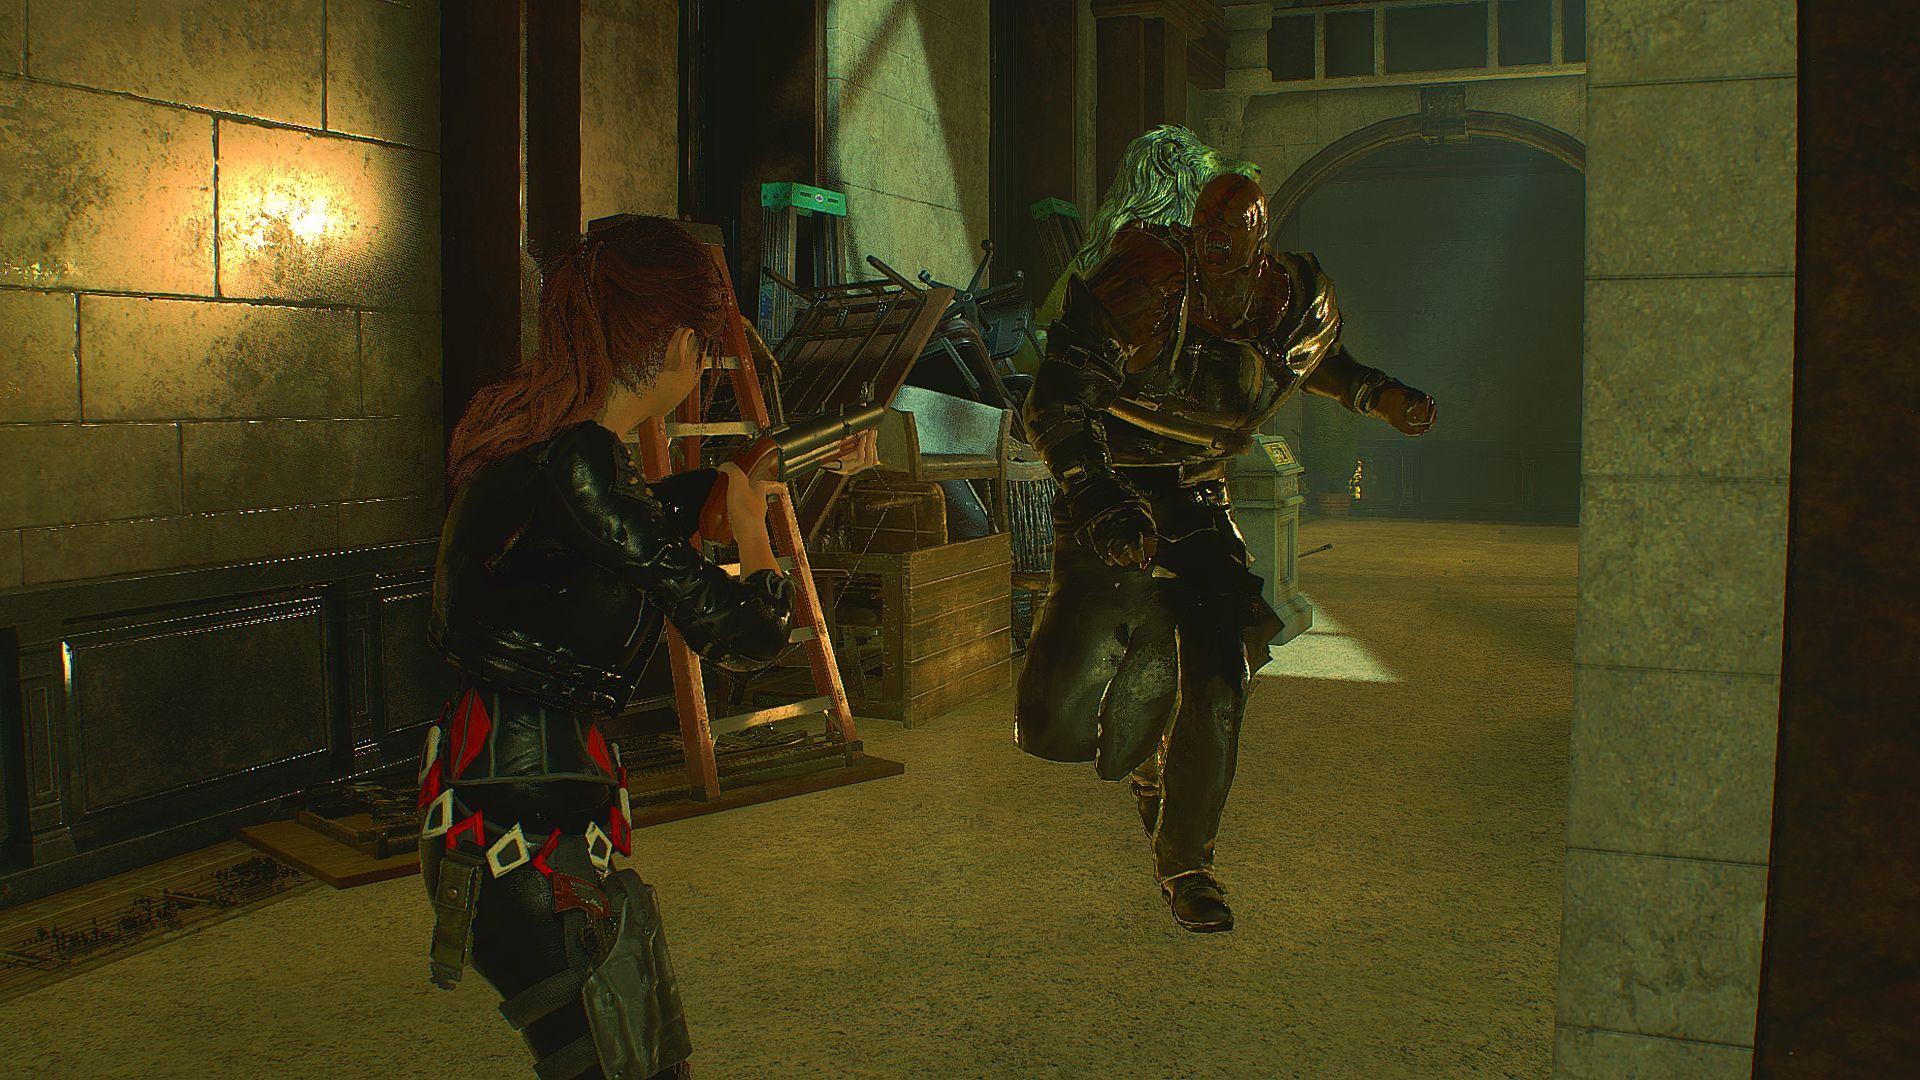 001264.Jpg - Resident Evil 2